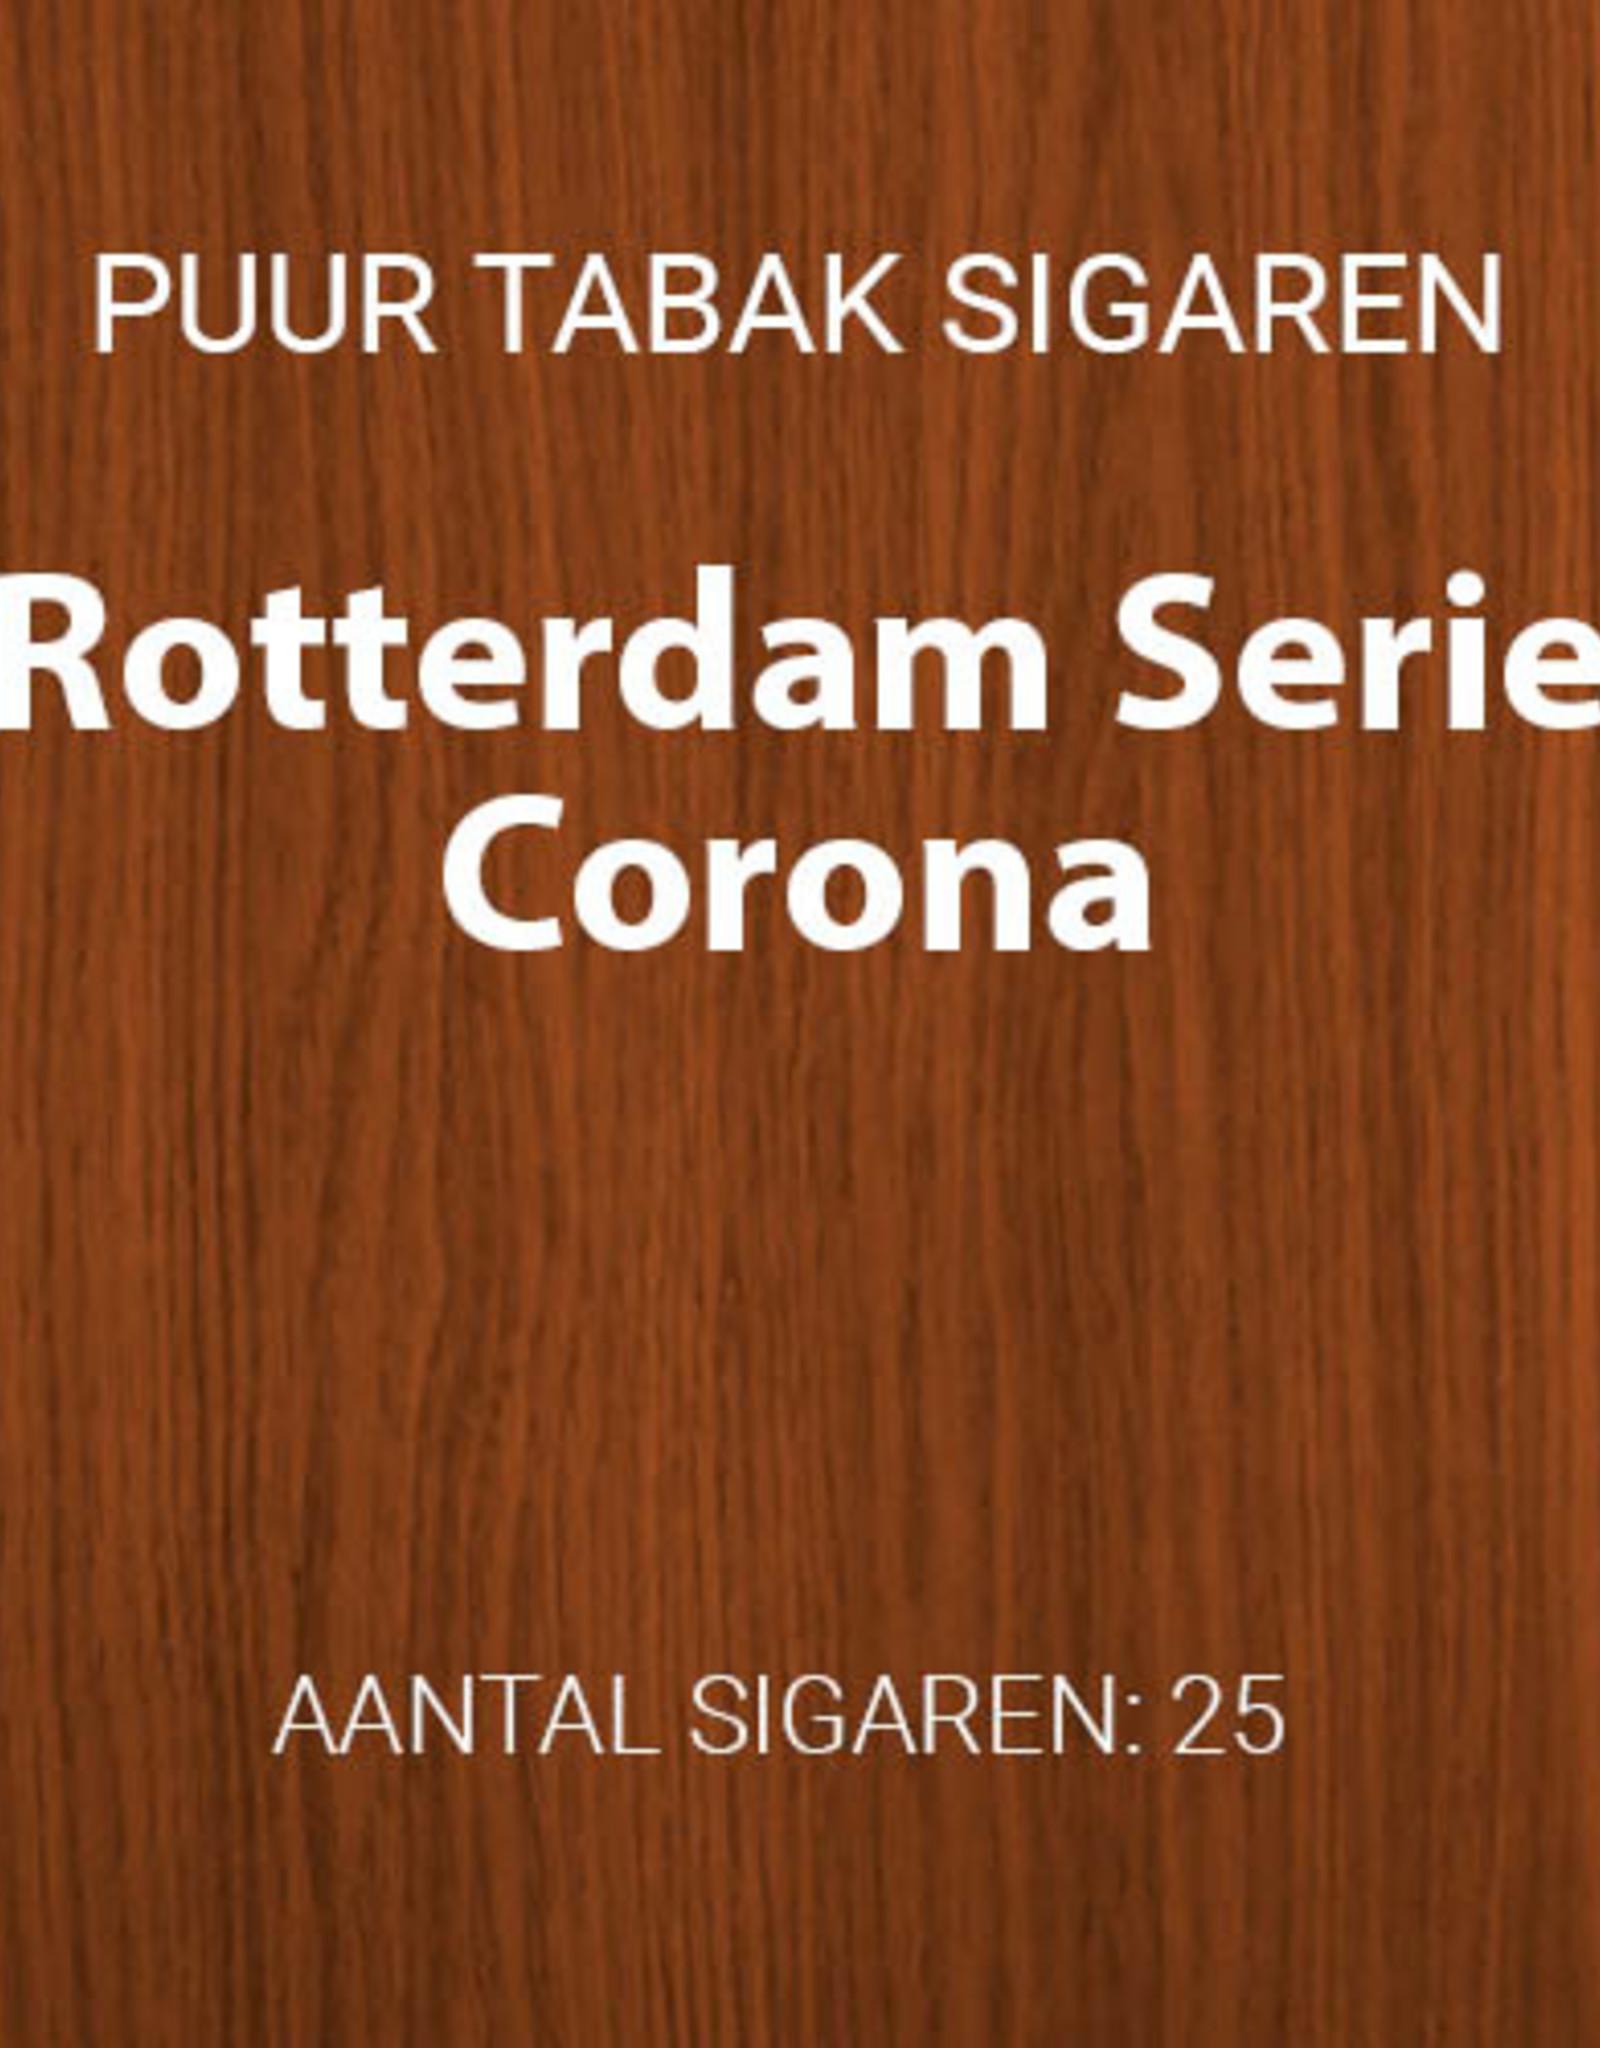 Rotterdam Rotterdam Serie Corona